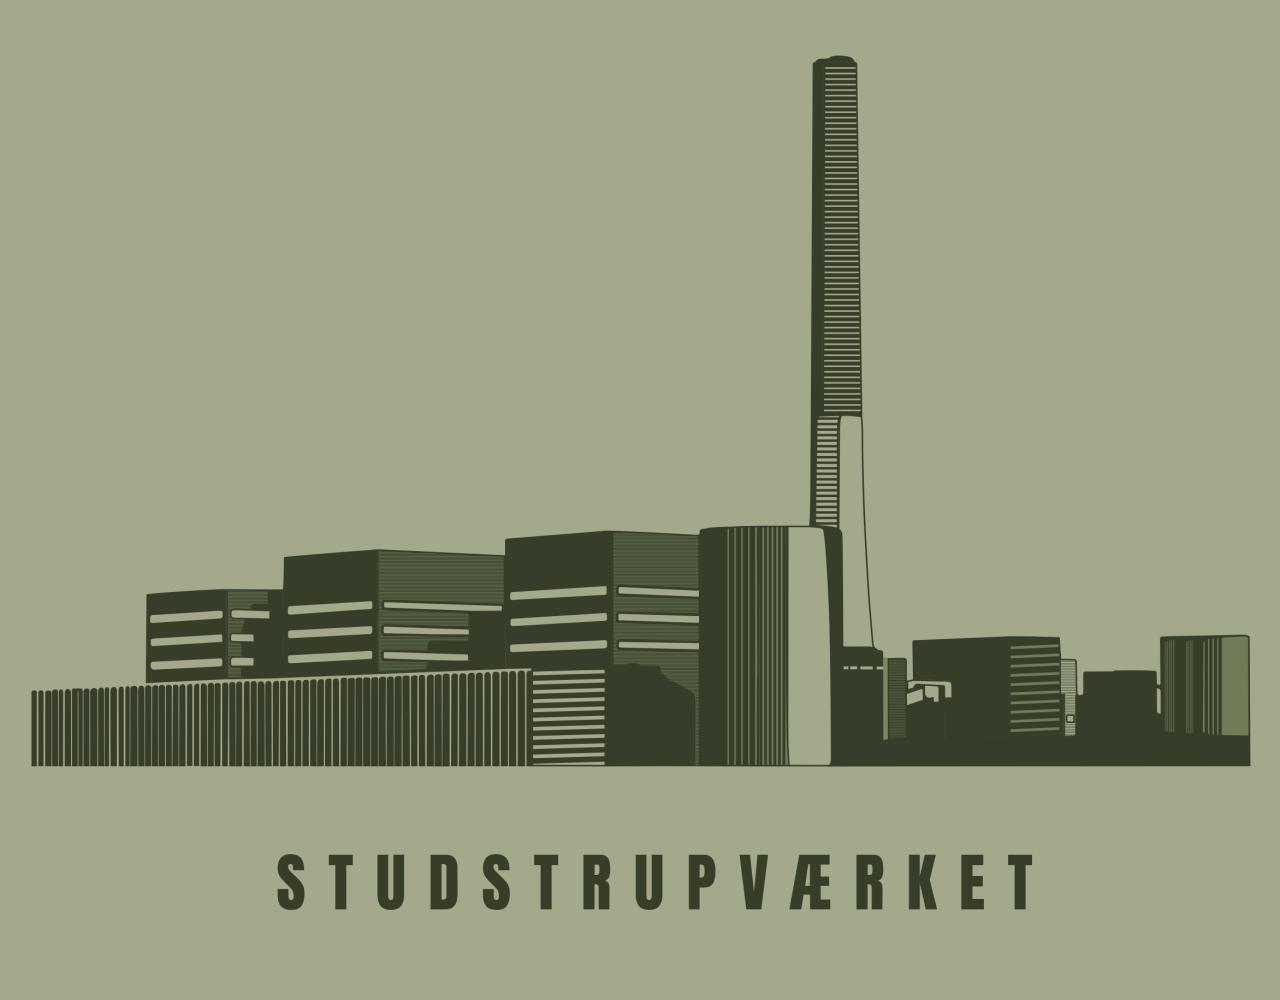 Studstrupværket_